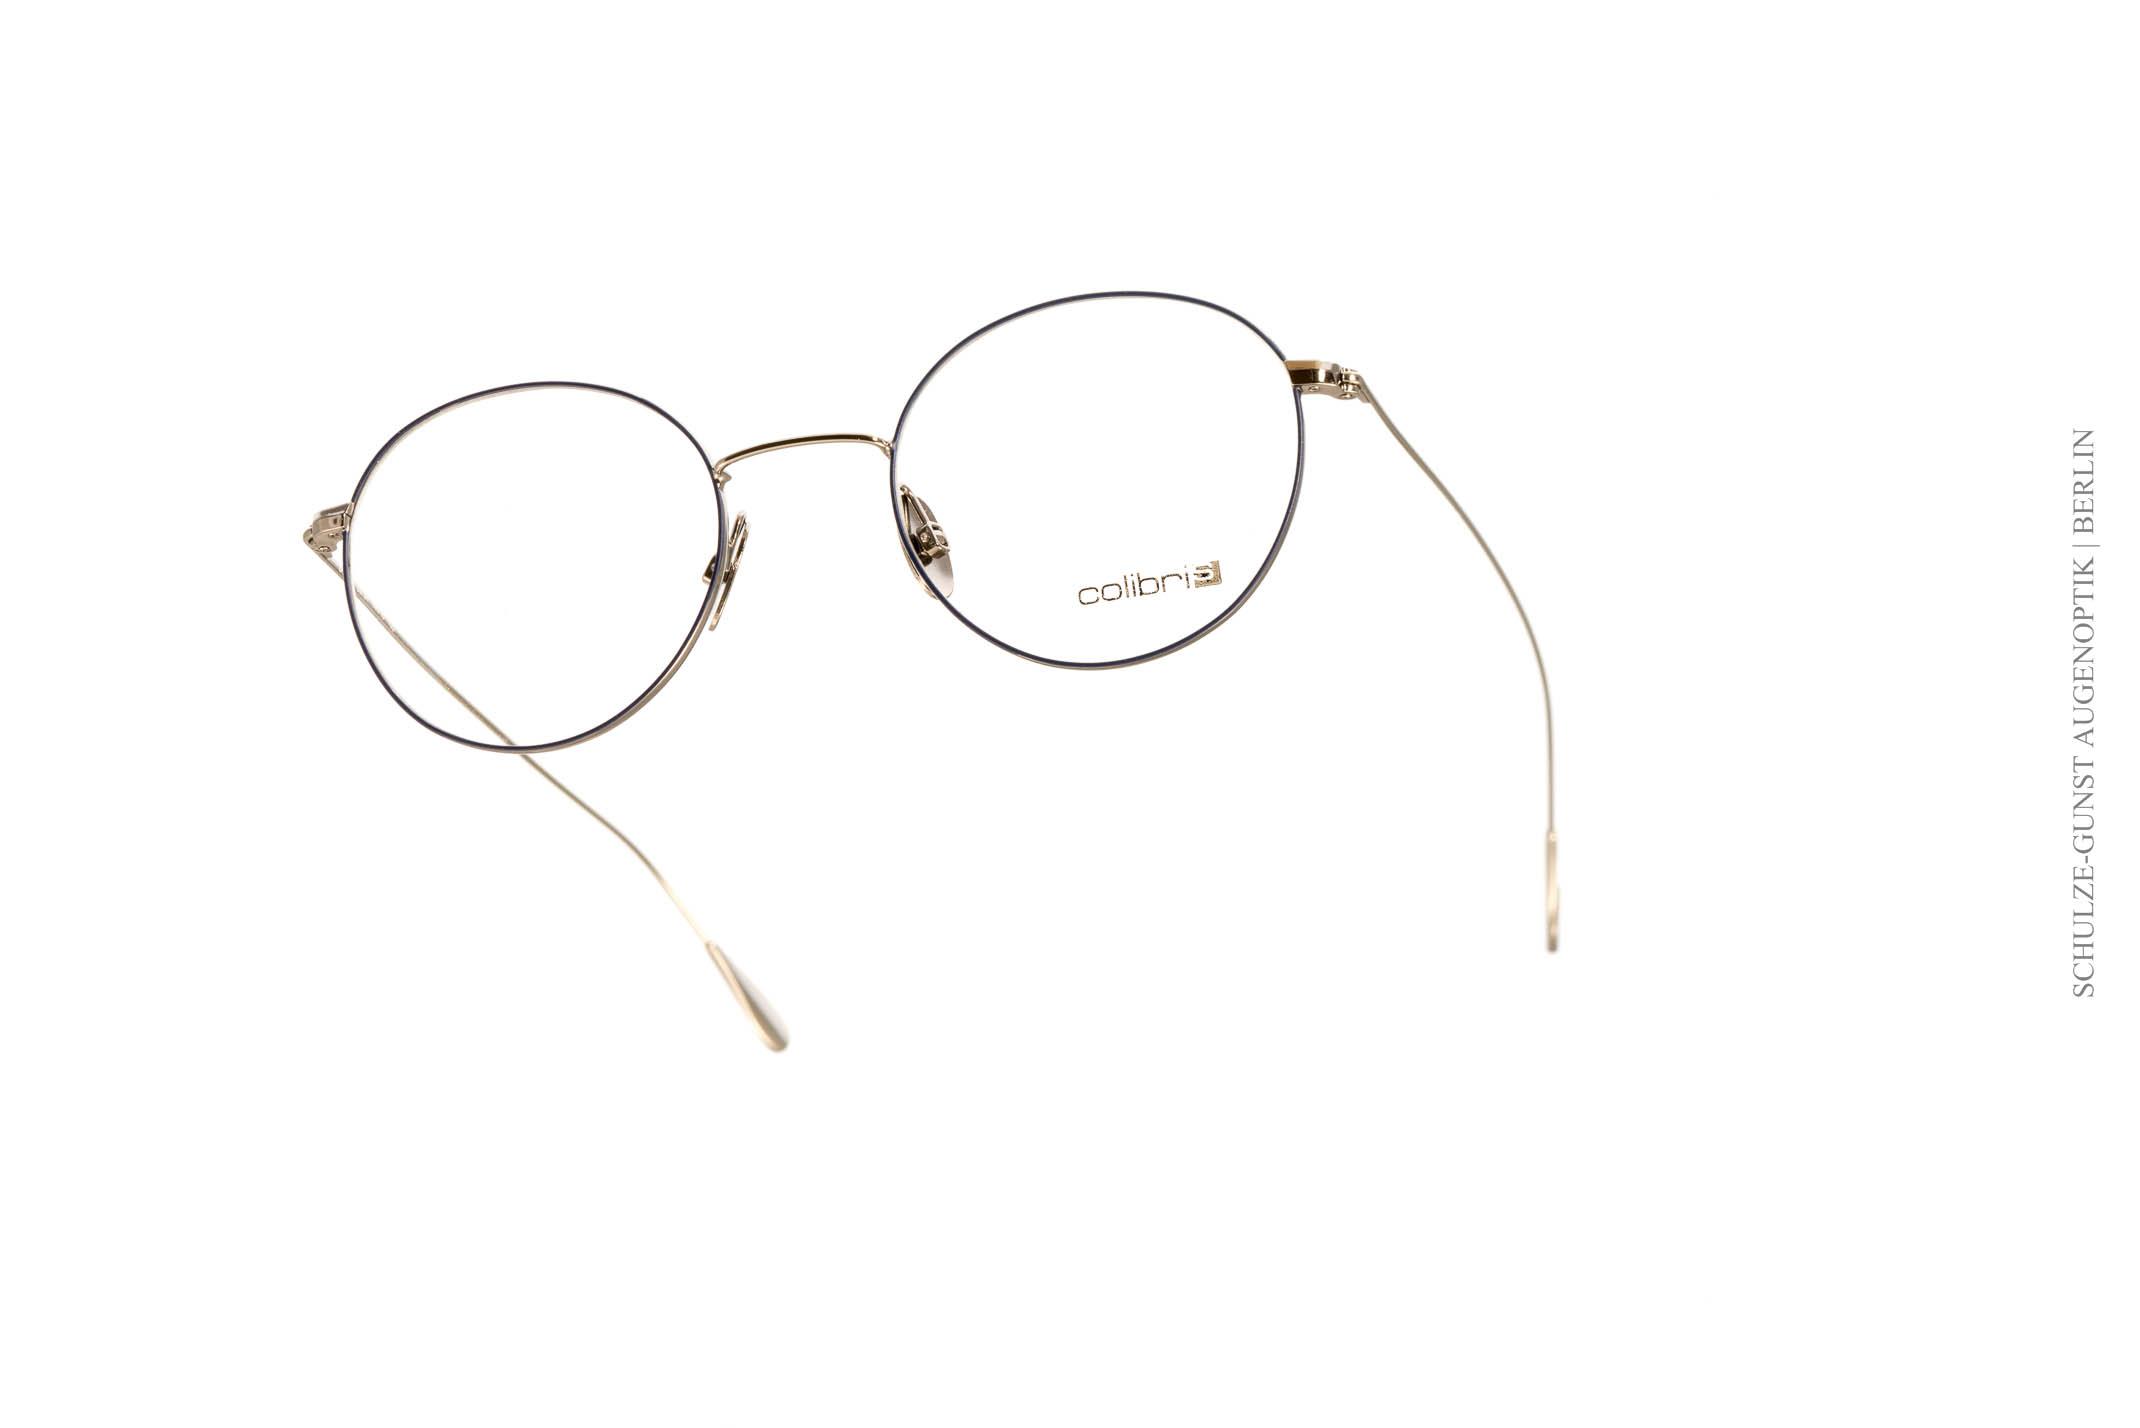 6d8242e0e01 neuheiten-herrenbrille Archive - Seite 3 von 18 - SCHULZE-GUNST ...